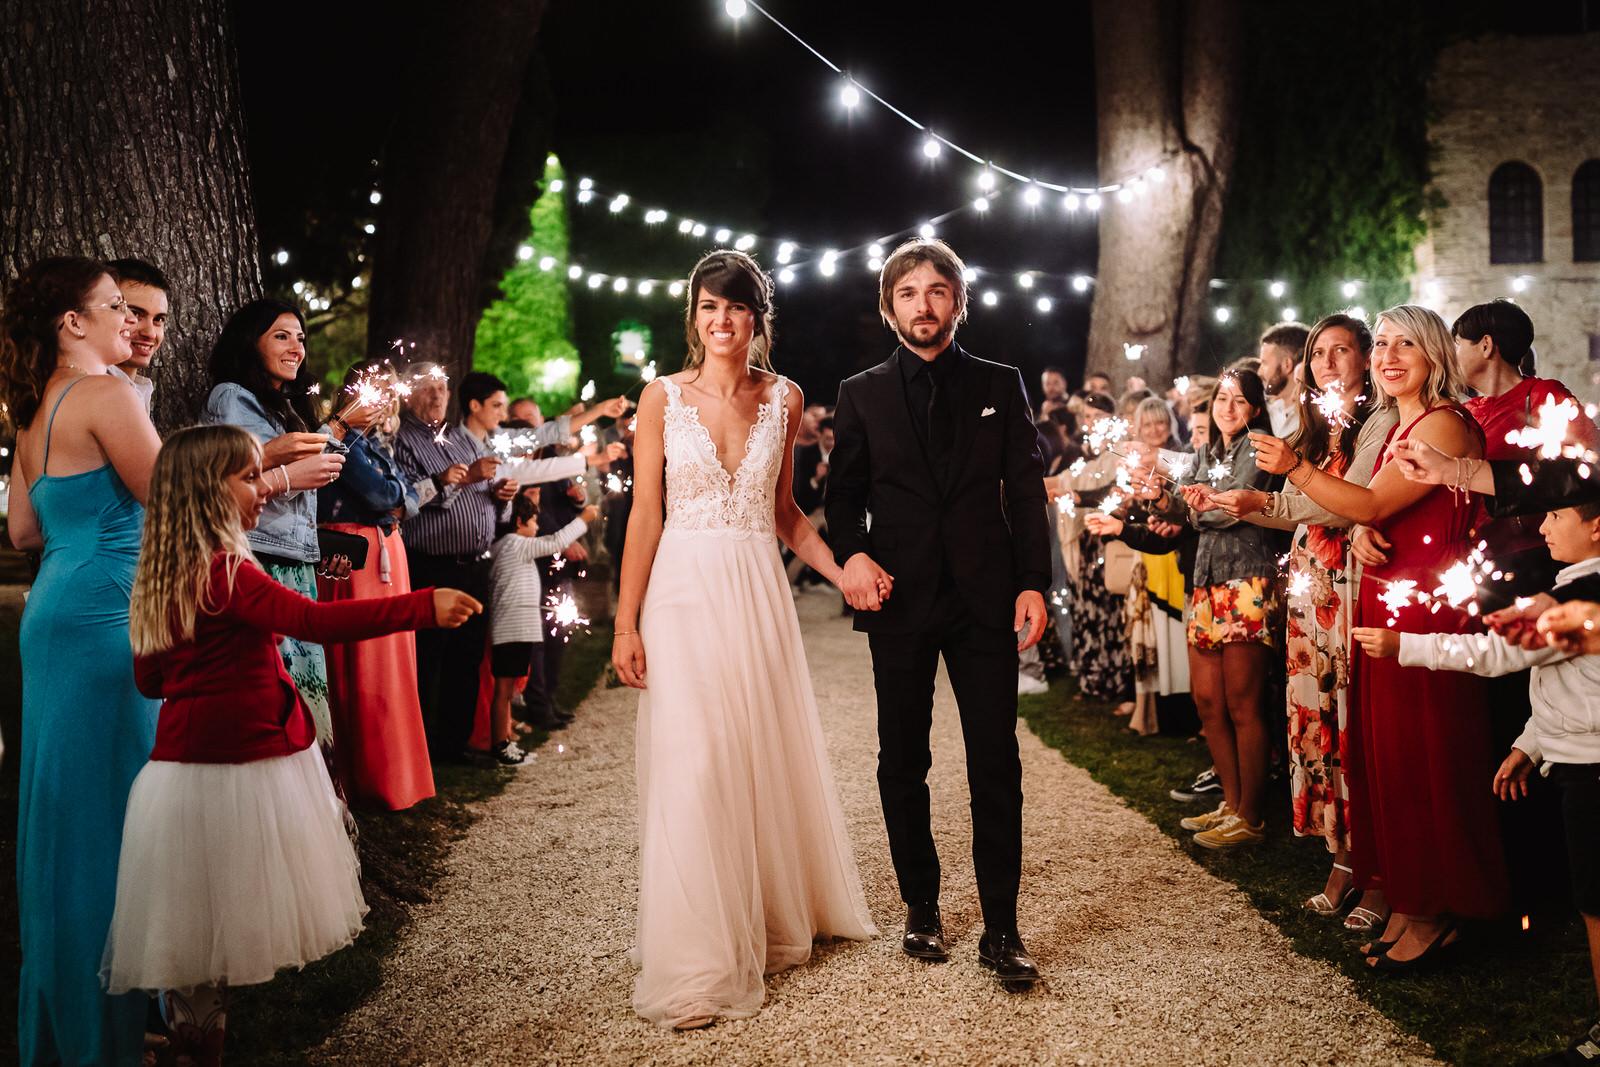 Fotografo-matrimonio-Macerata-02